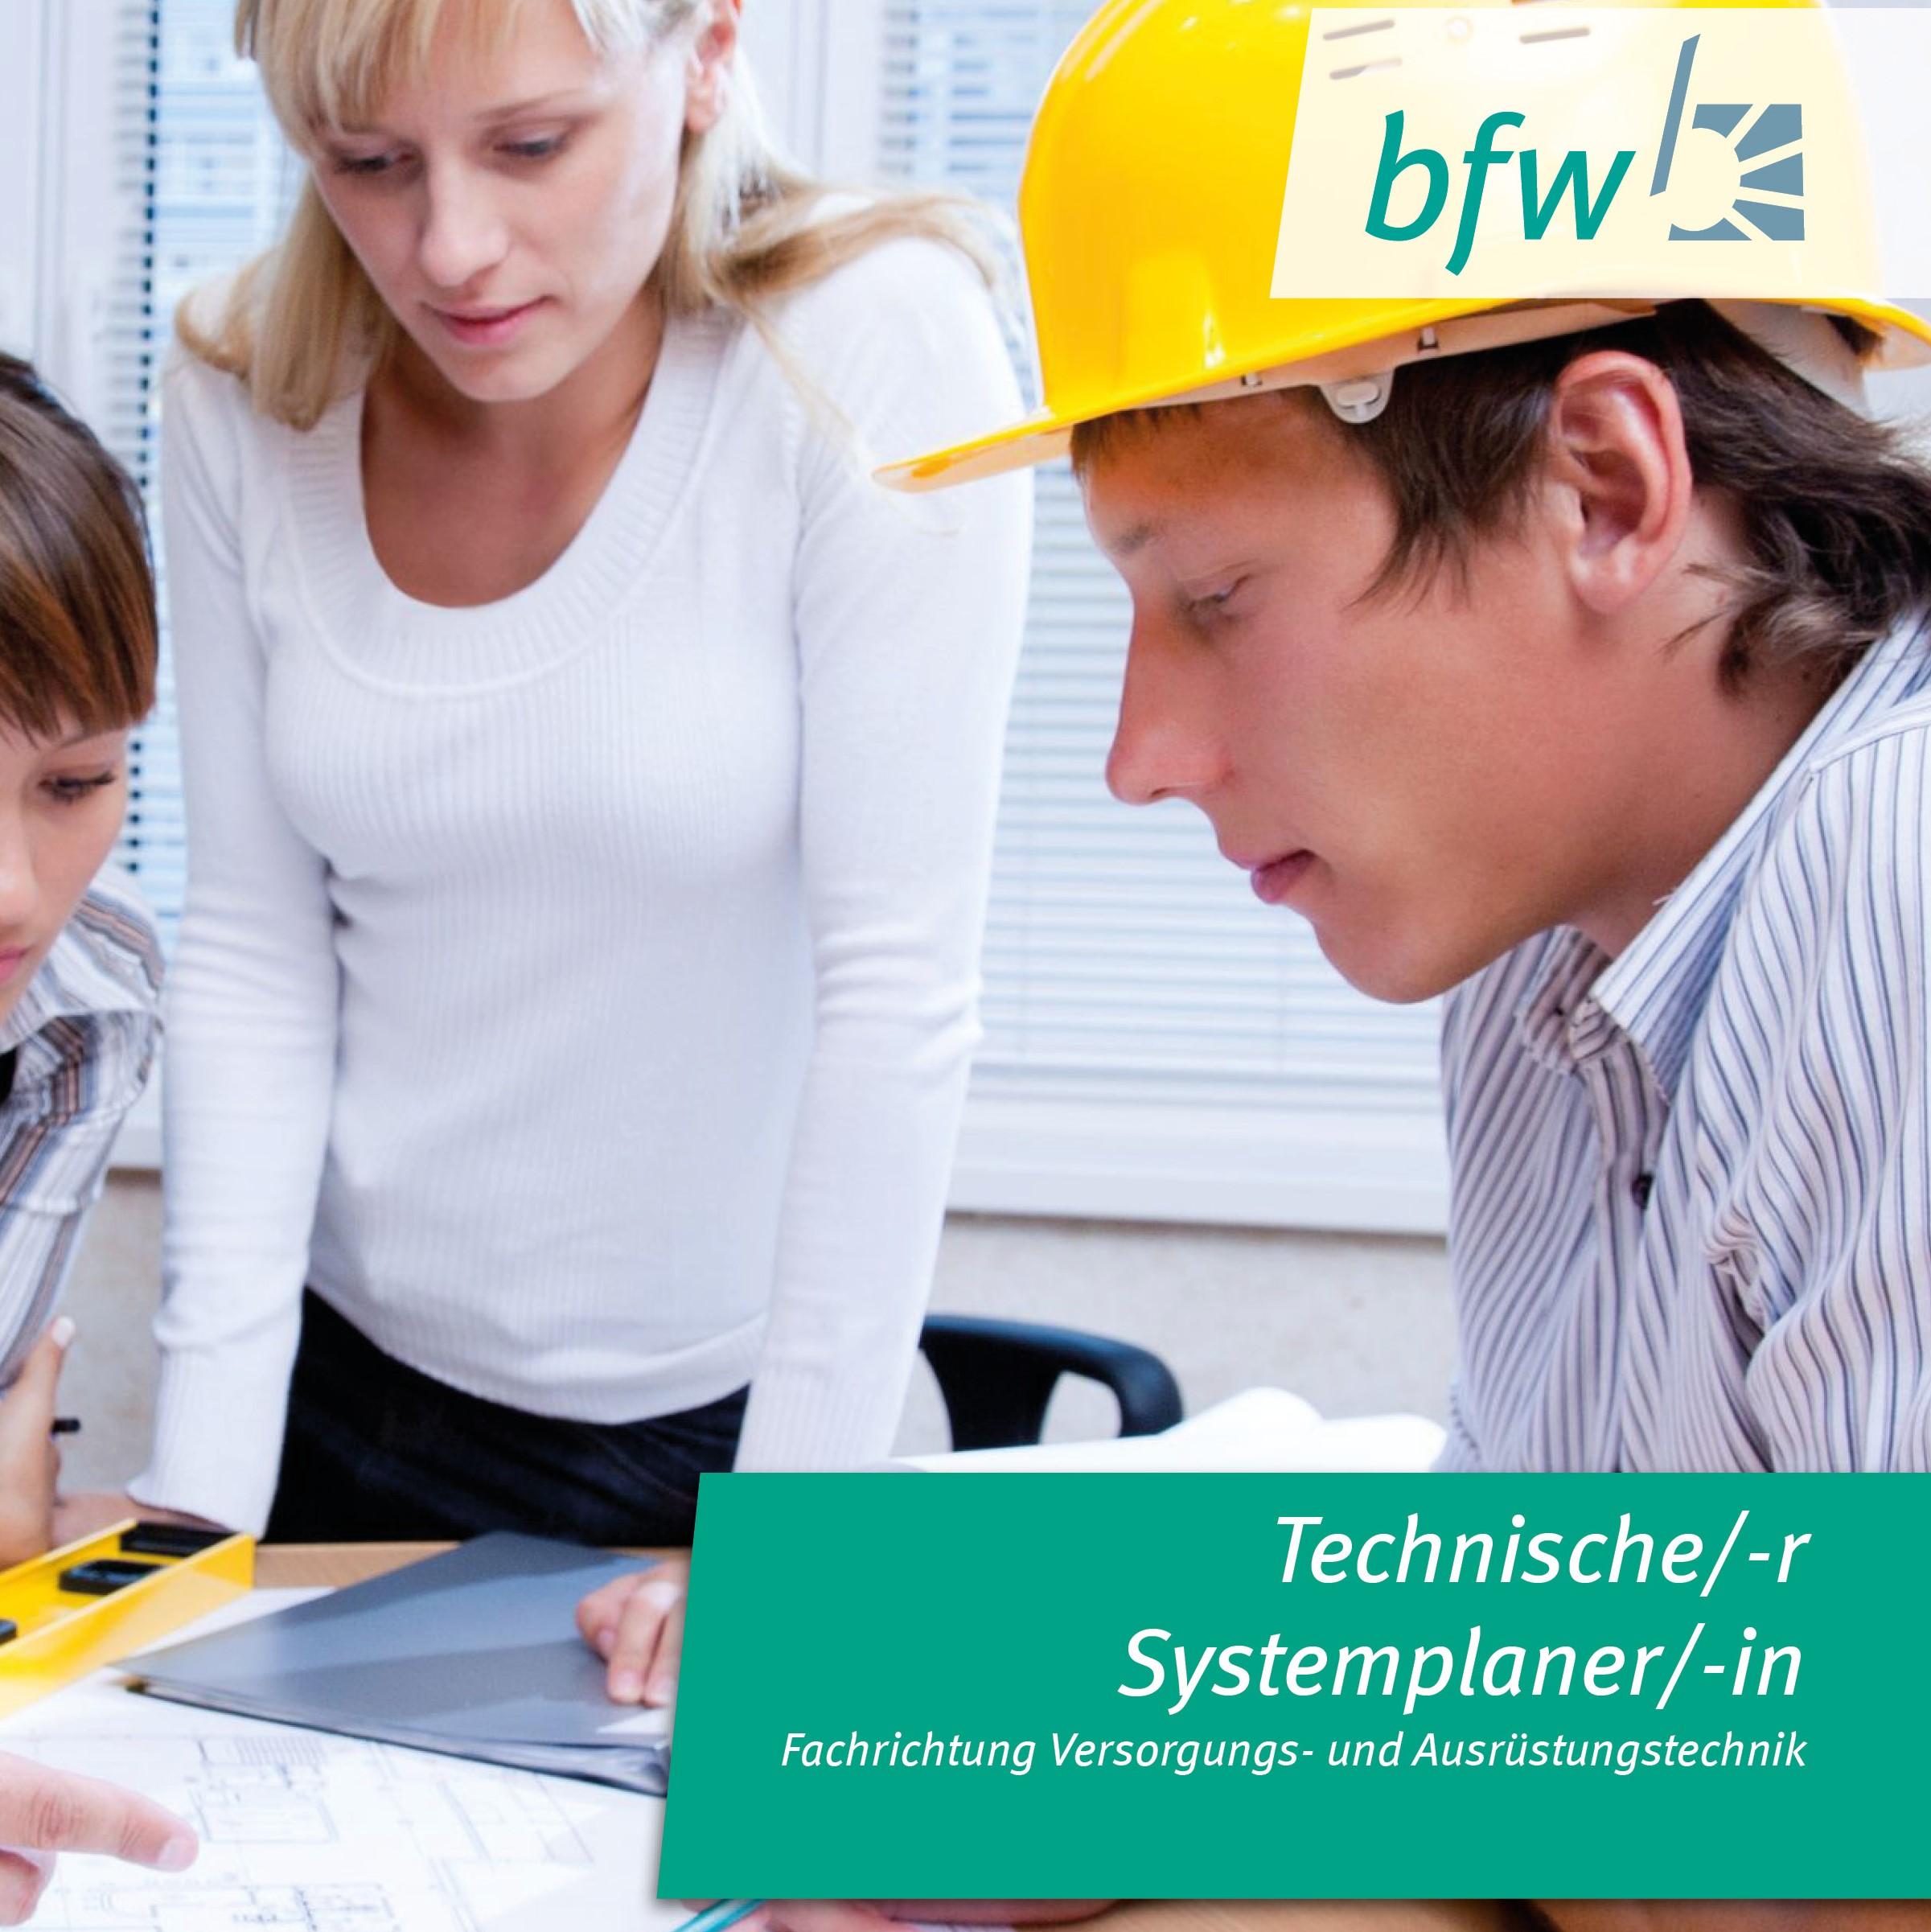 Technische/-r Systemplaner/in Image